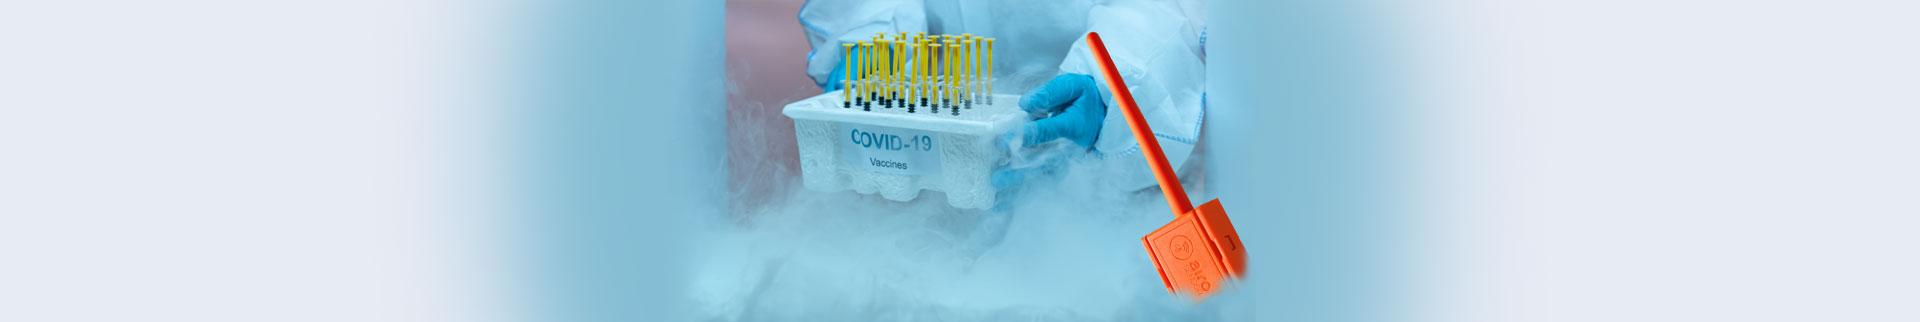 COVID-19 sensors